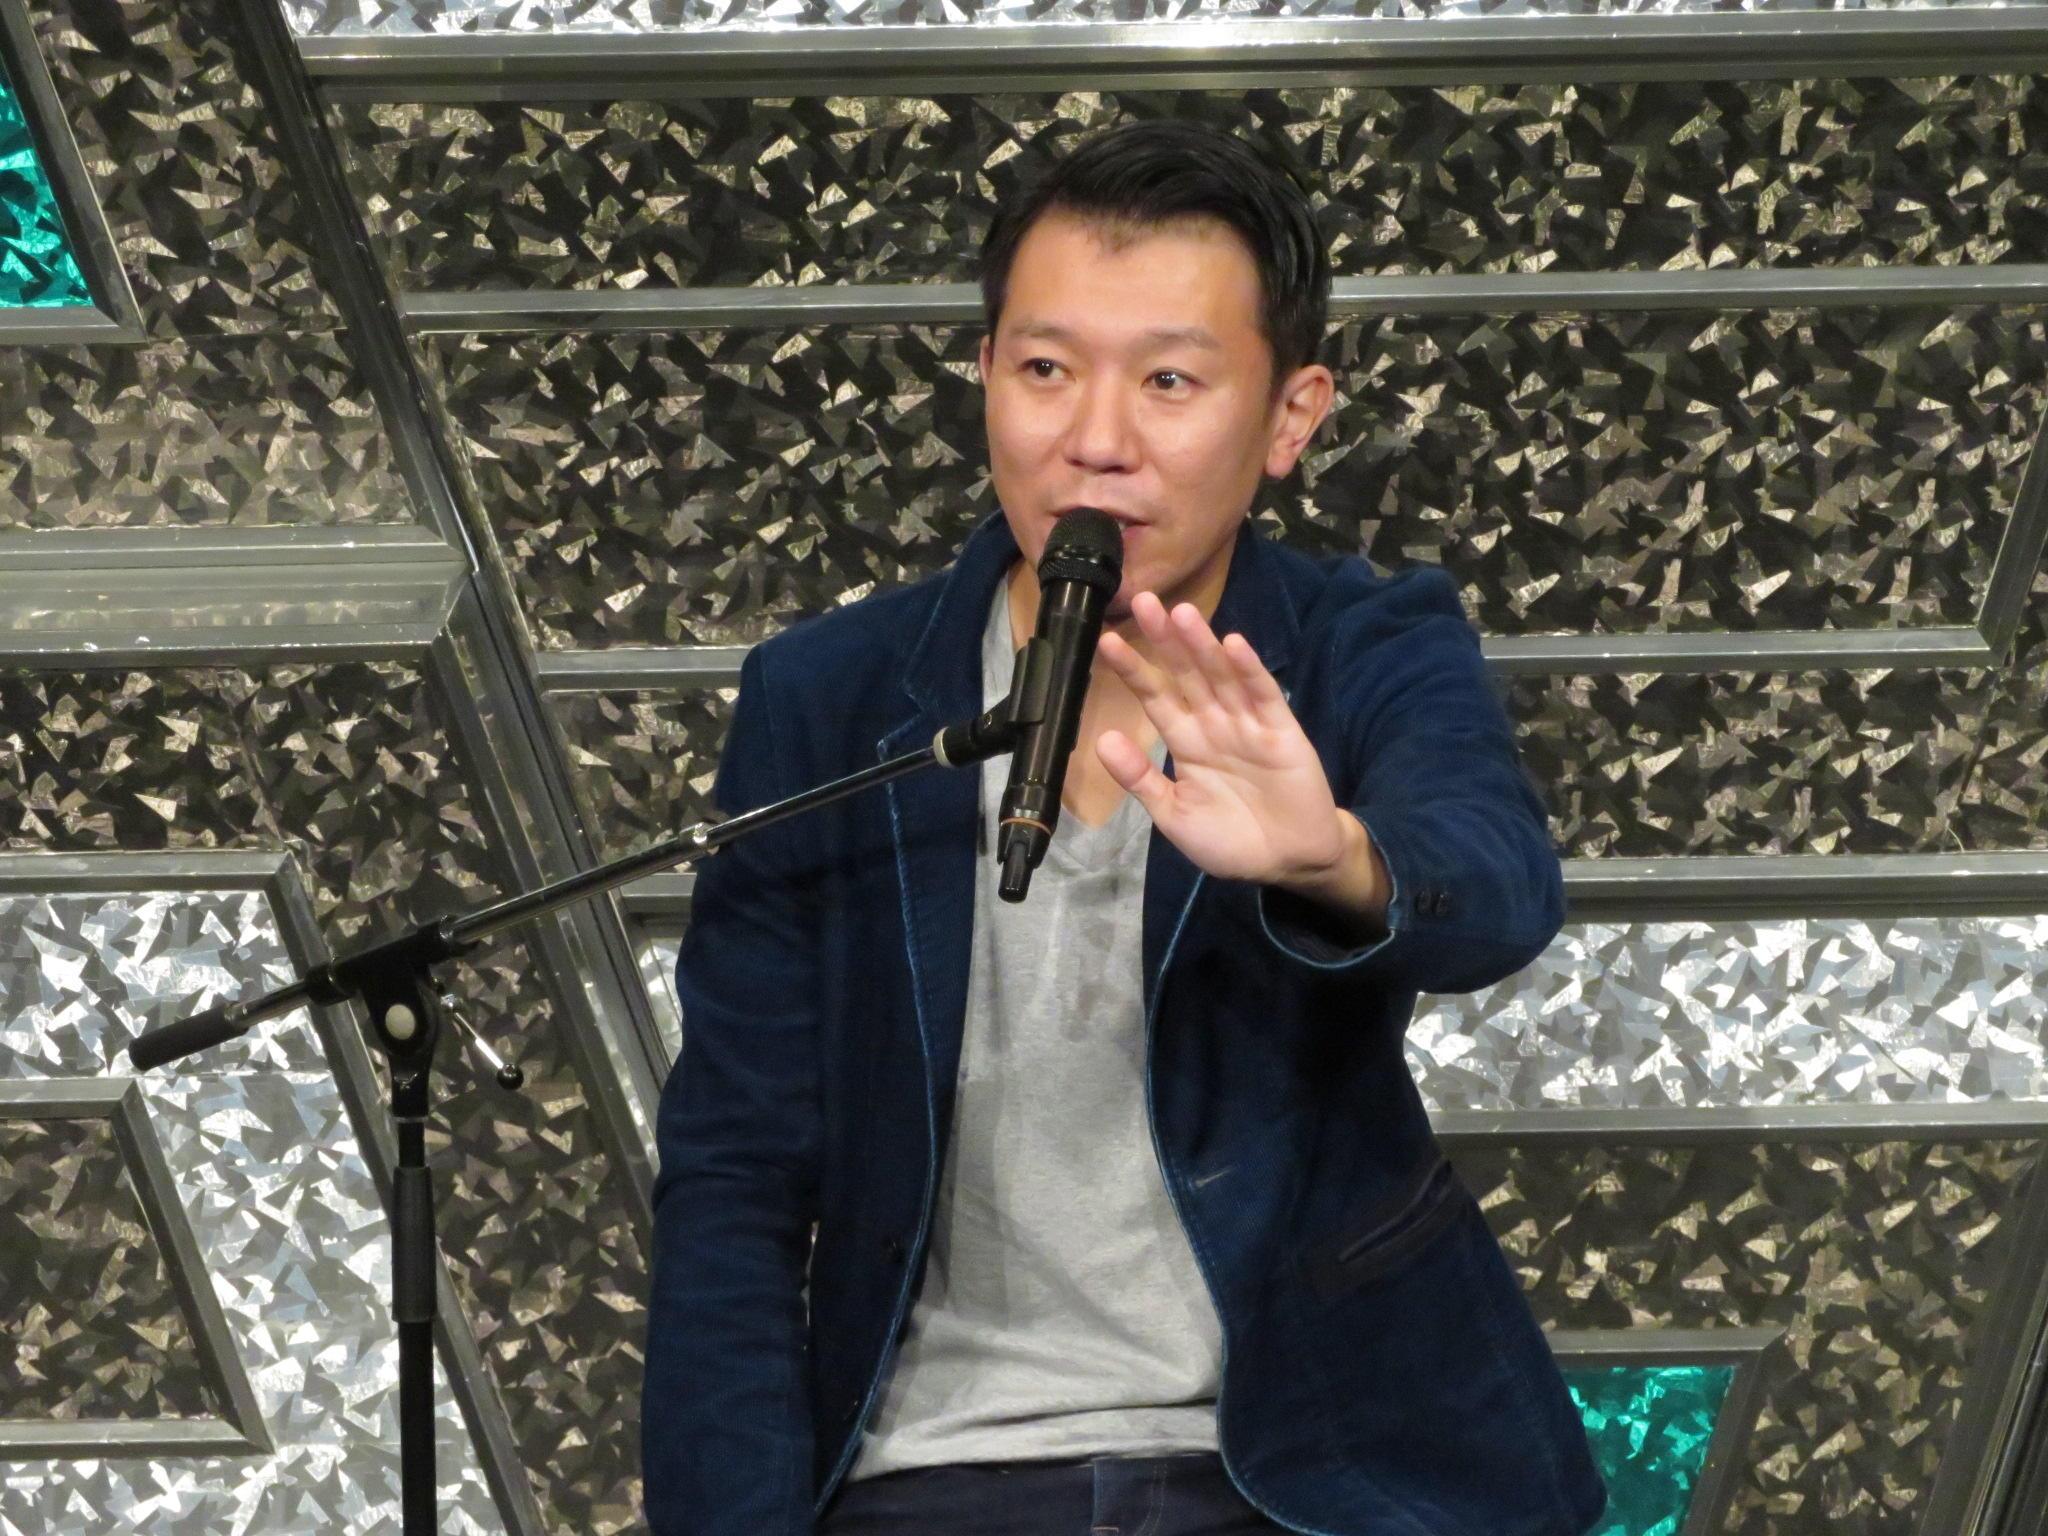 http://news.yoshimoto.co.jp/20181004123426-3d2788f5c69d8ad595905272bc92ad91bf8b1767.jpg